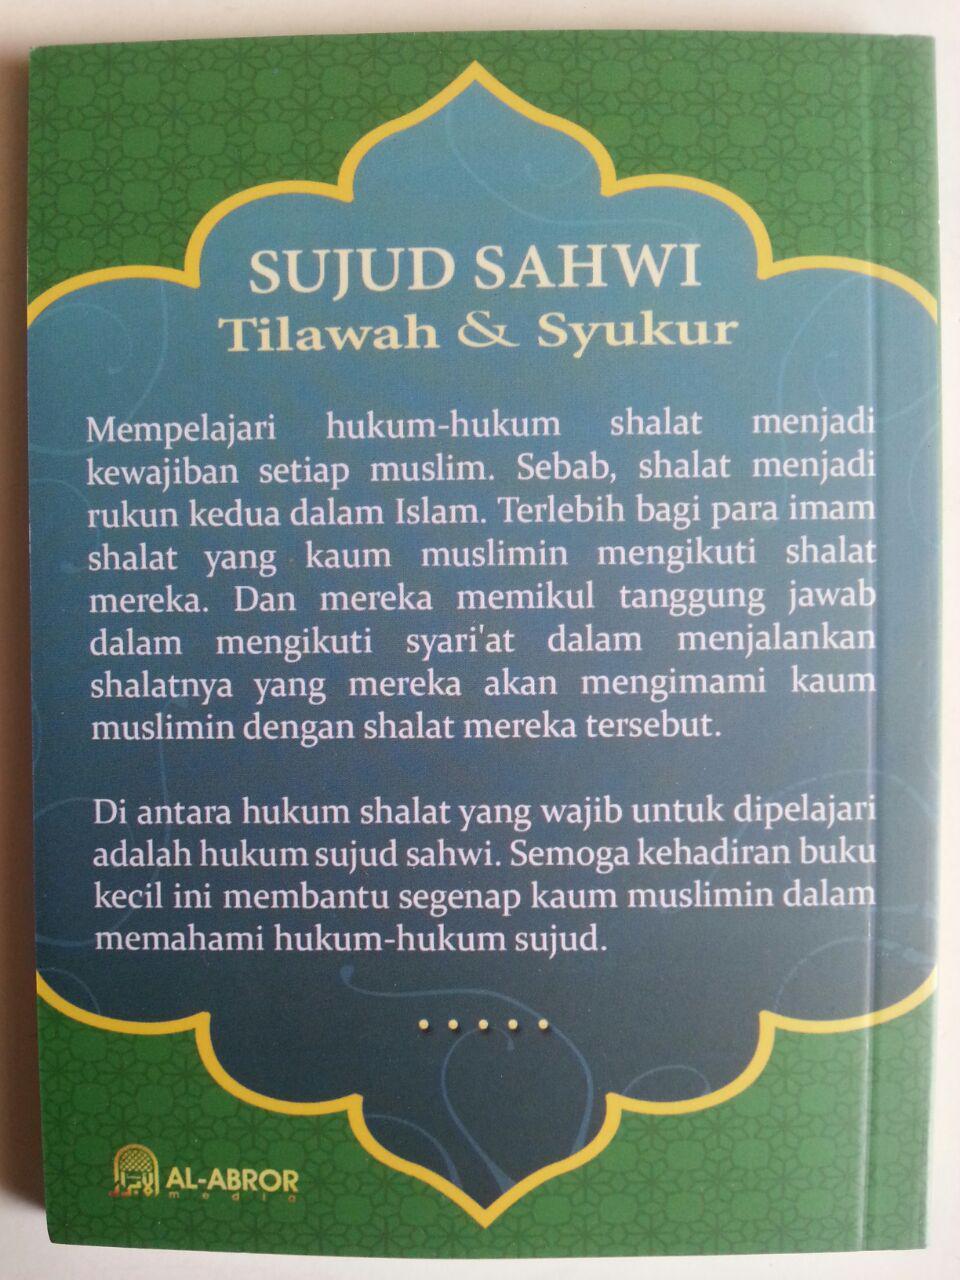 Buku Penjelasan Tentang Sujud Sahwi Tilawah Dan Syukur cover